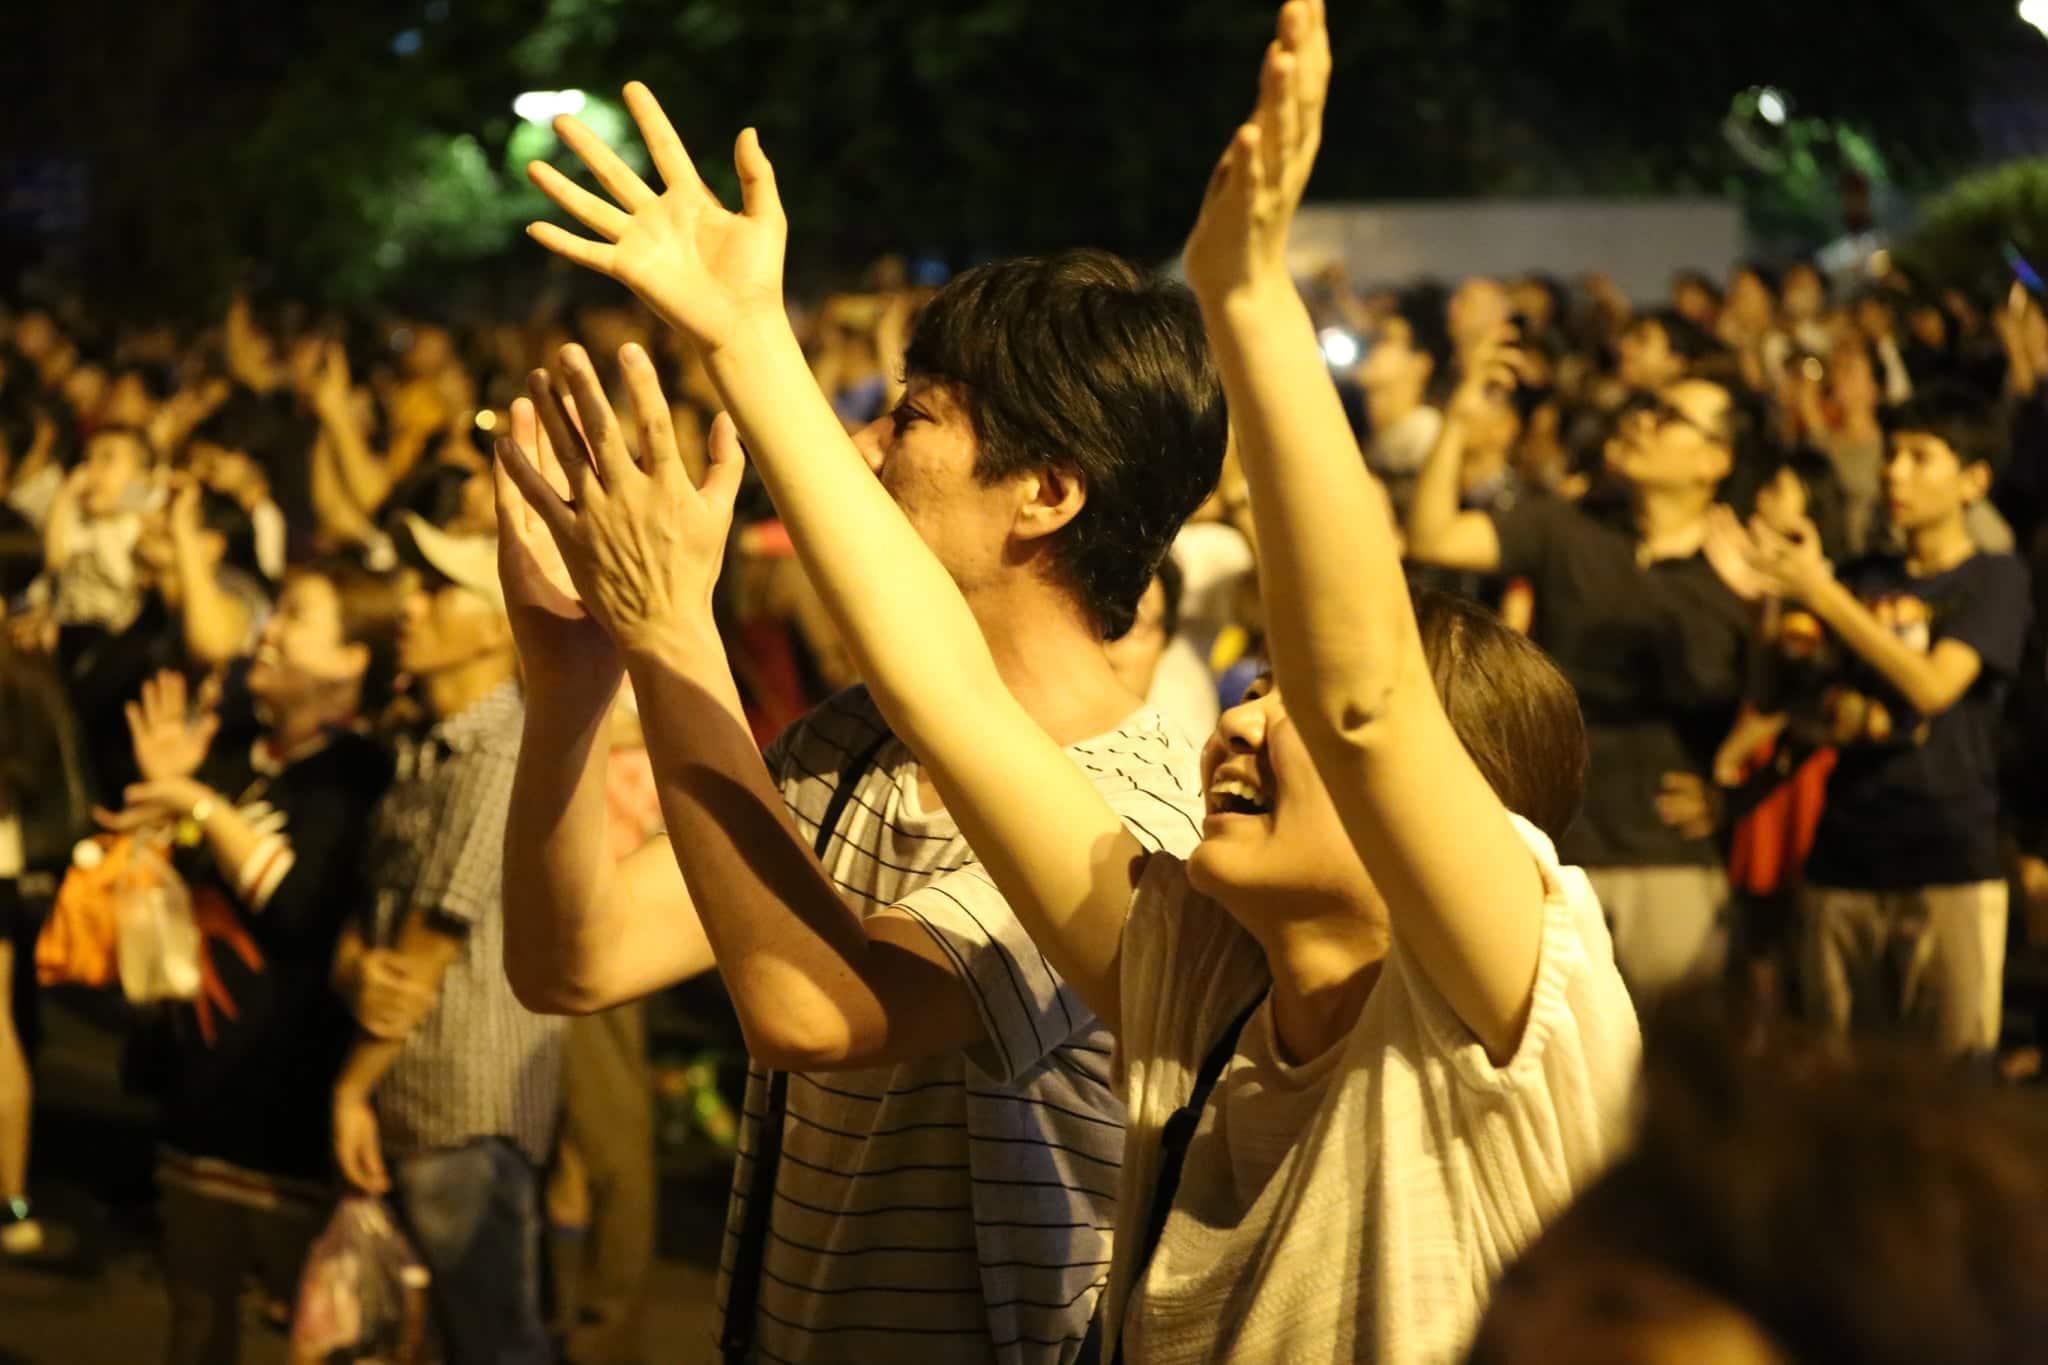 Pháo hoa rực sáng đẹp hút hồn trên bầu trời Sài Gòn, ngàn người vỗ tay tán thưởng - 7